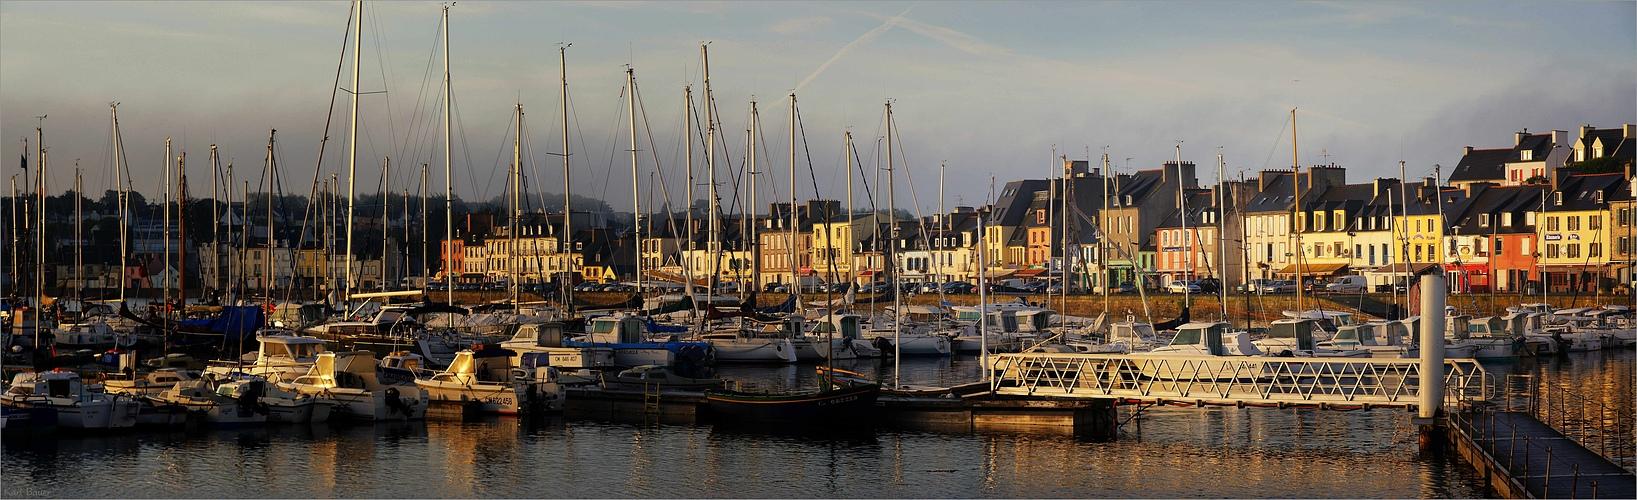 Morgen in Camaret-sur-Mer